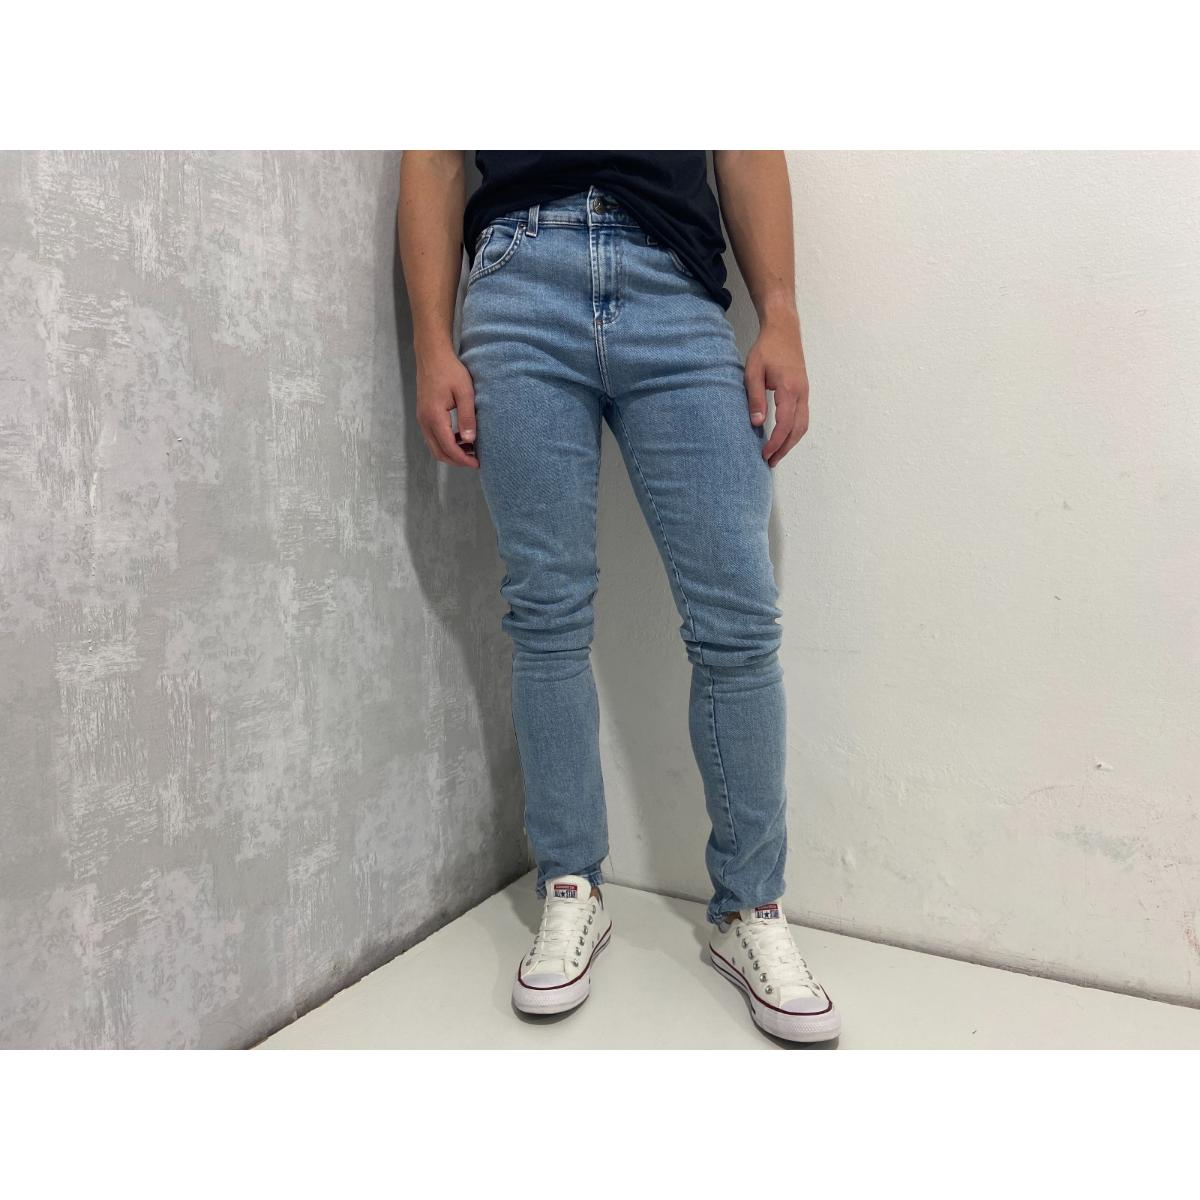 Calça Masculina Index 01.01.004889 Jeans